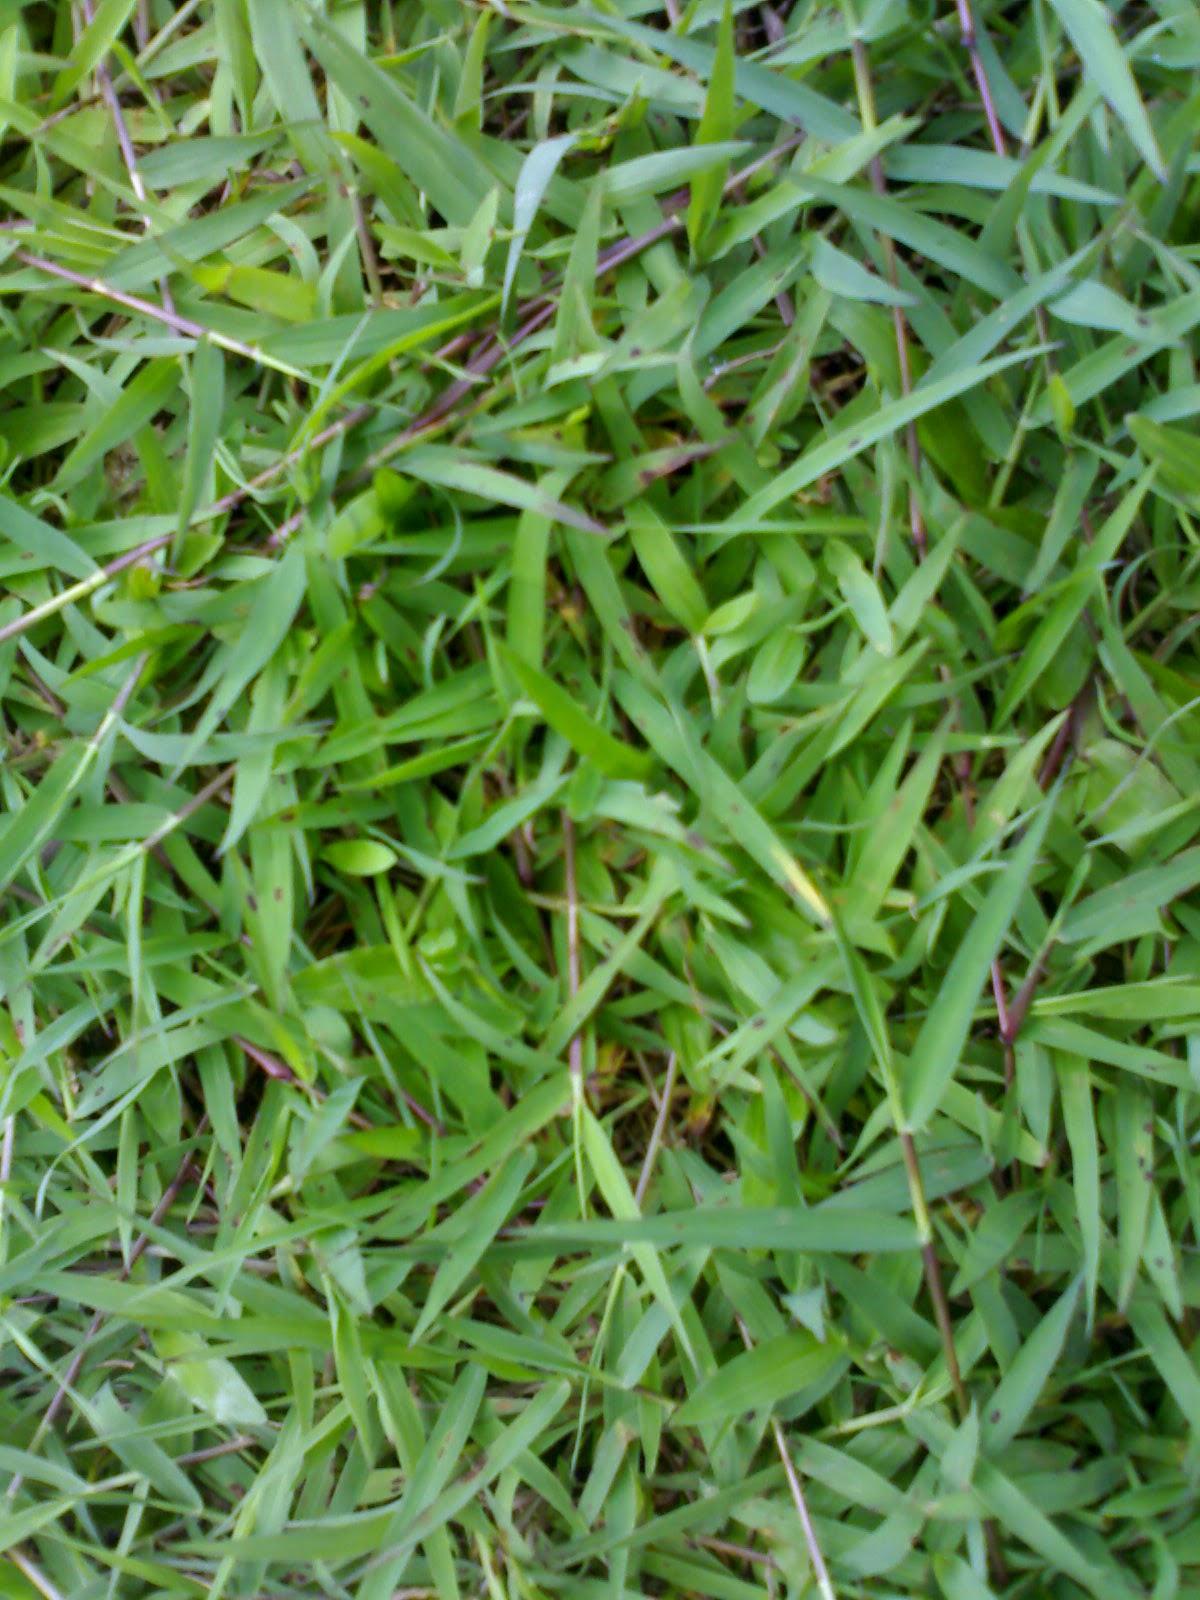 jual Rumput Gajah mini, Rumput Jepang (Rumput peking), Rumput Golf, Rumput Bermuda, rumput gajah biasa